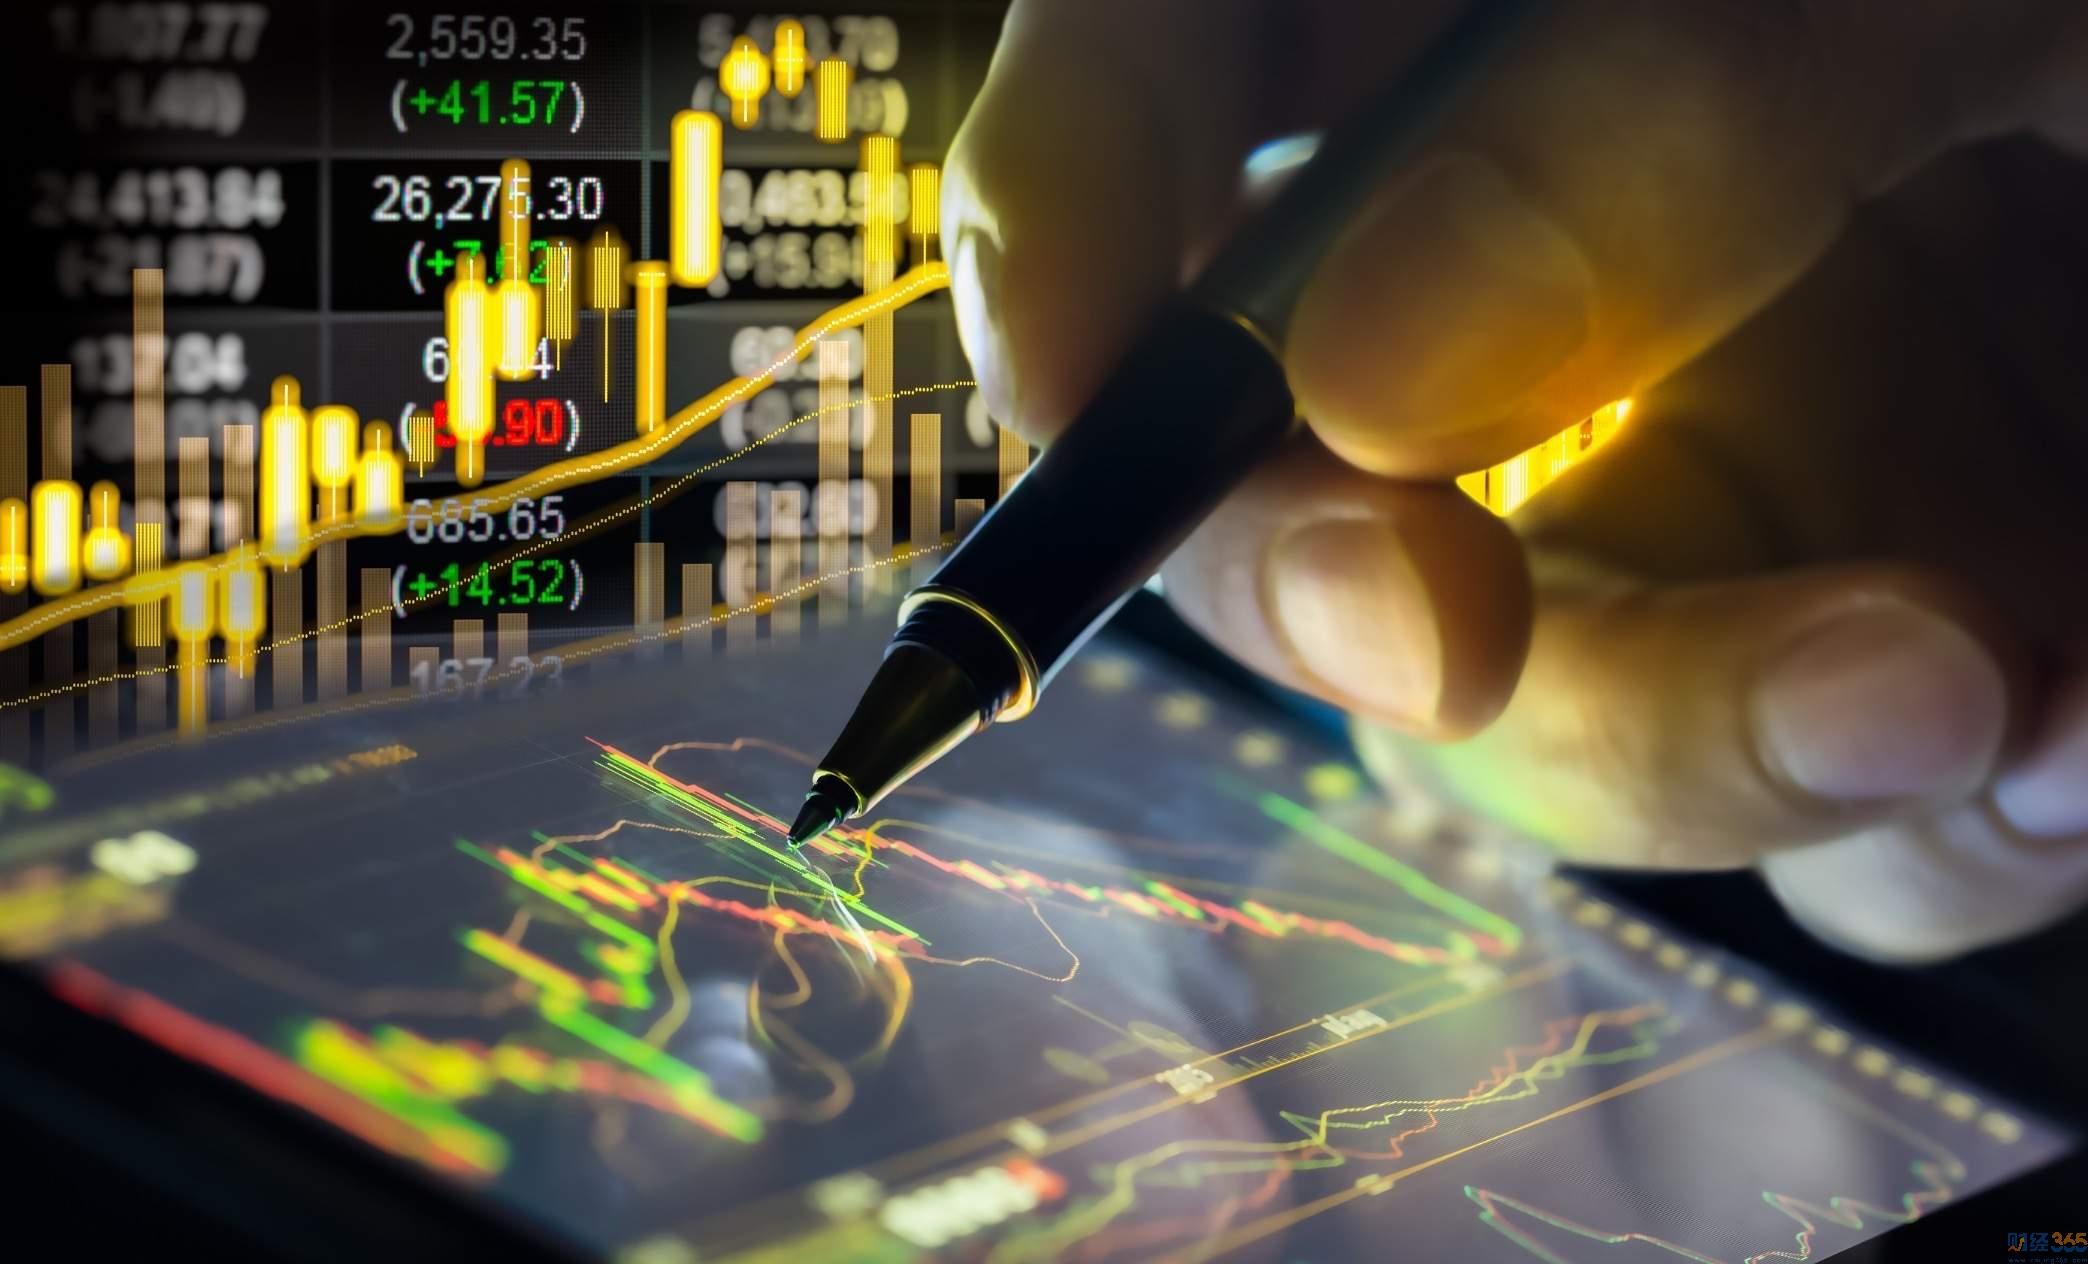 000858股吧:银河磁体股票怎么样 看完这份最强攻略就清楚了!